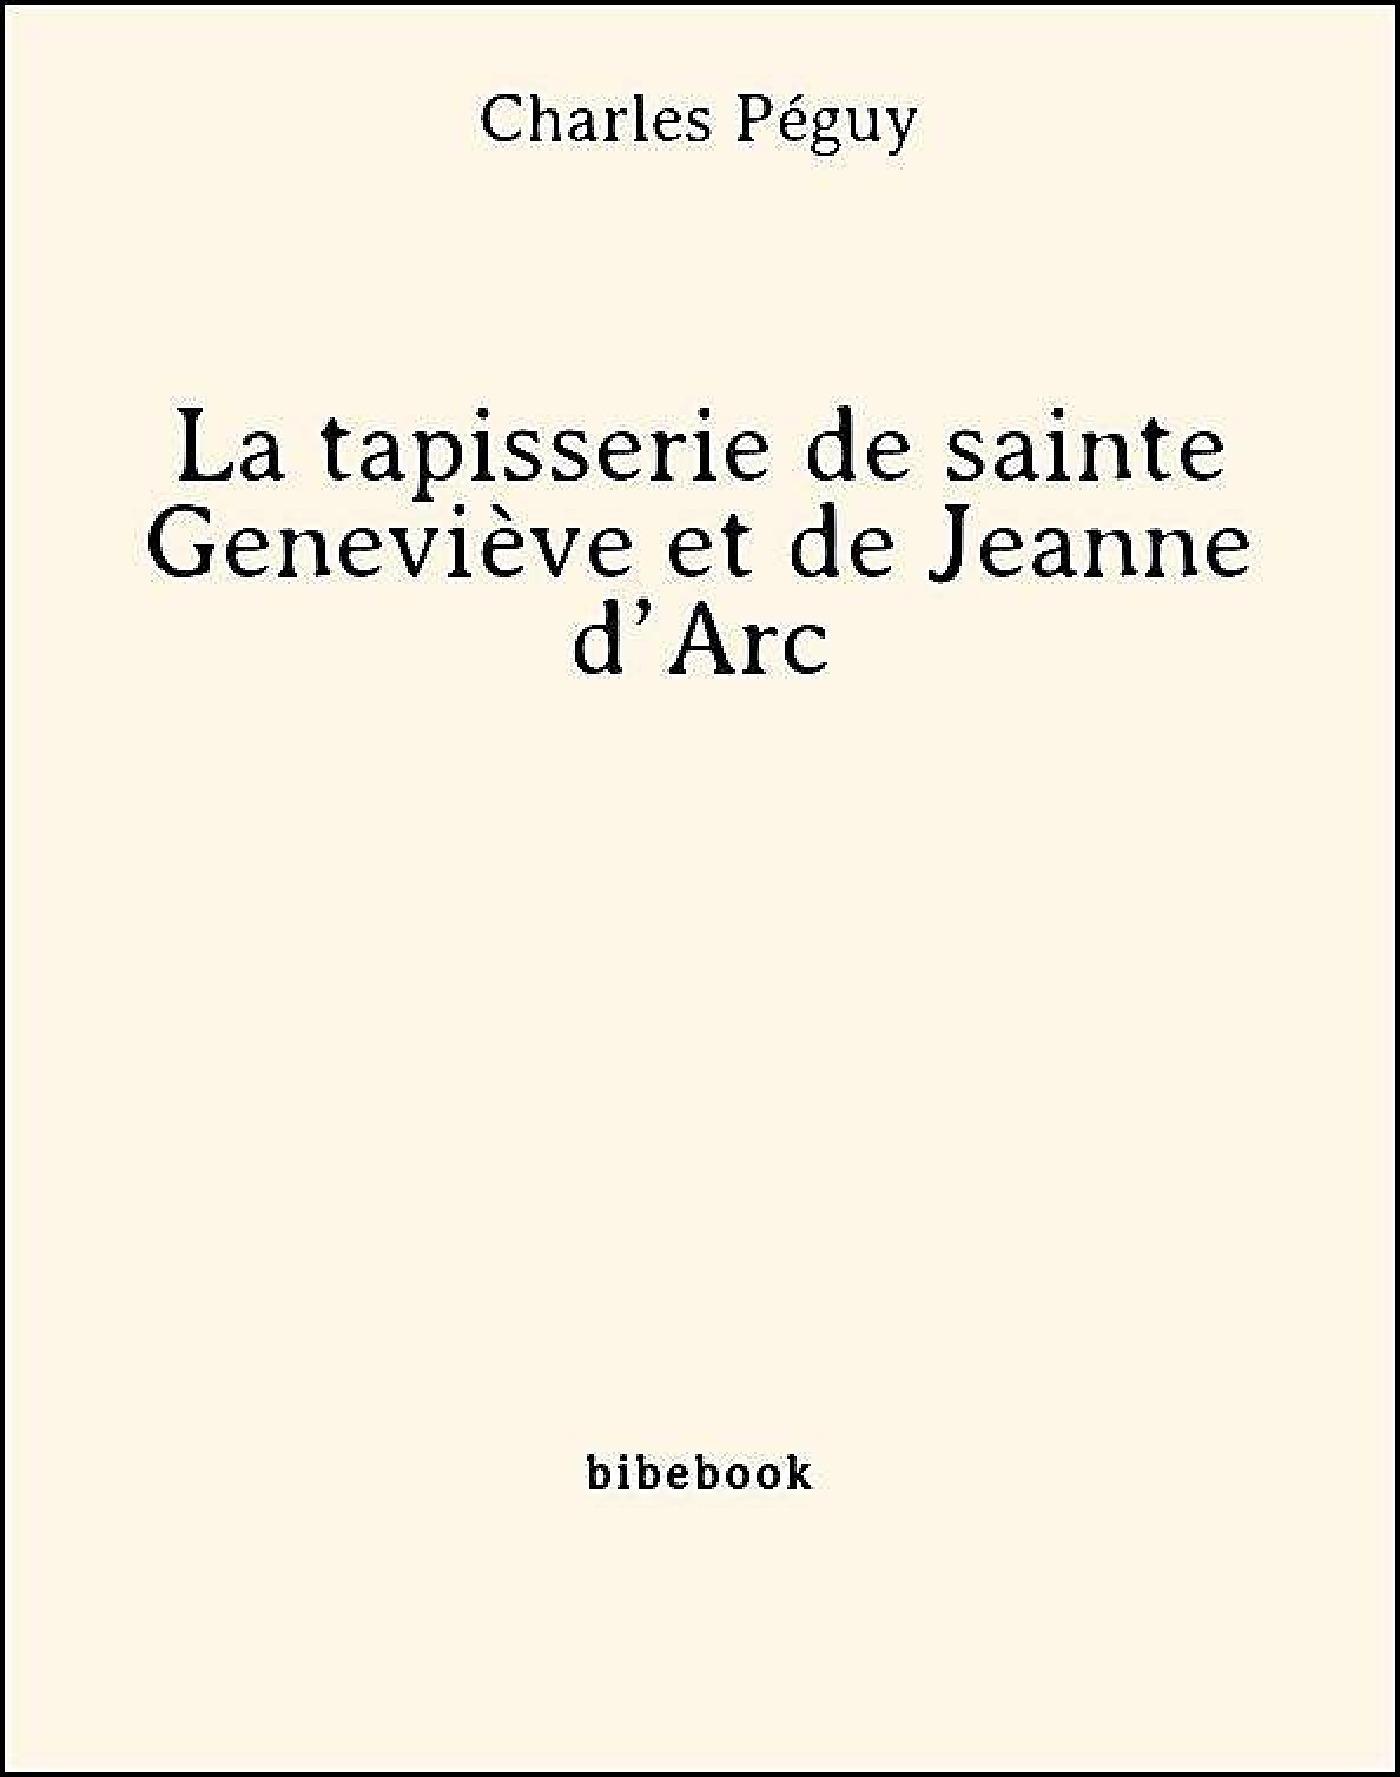 La tapisserie de sainte Geneviève et de Jeanne d´Arc